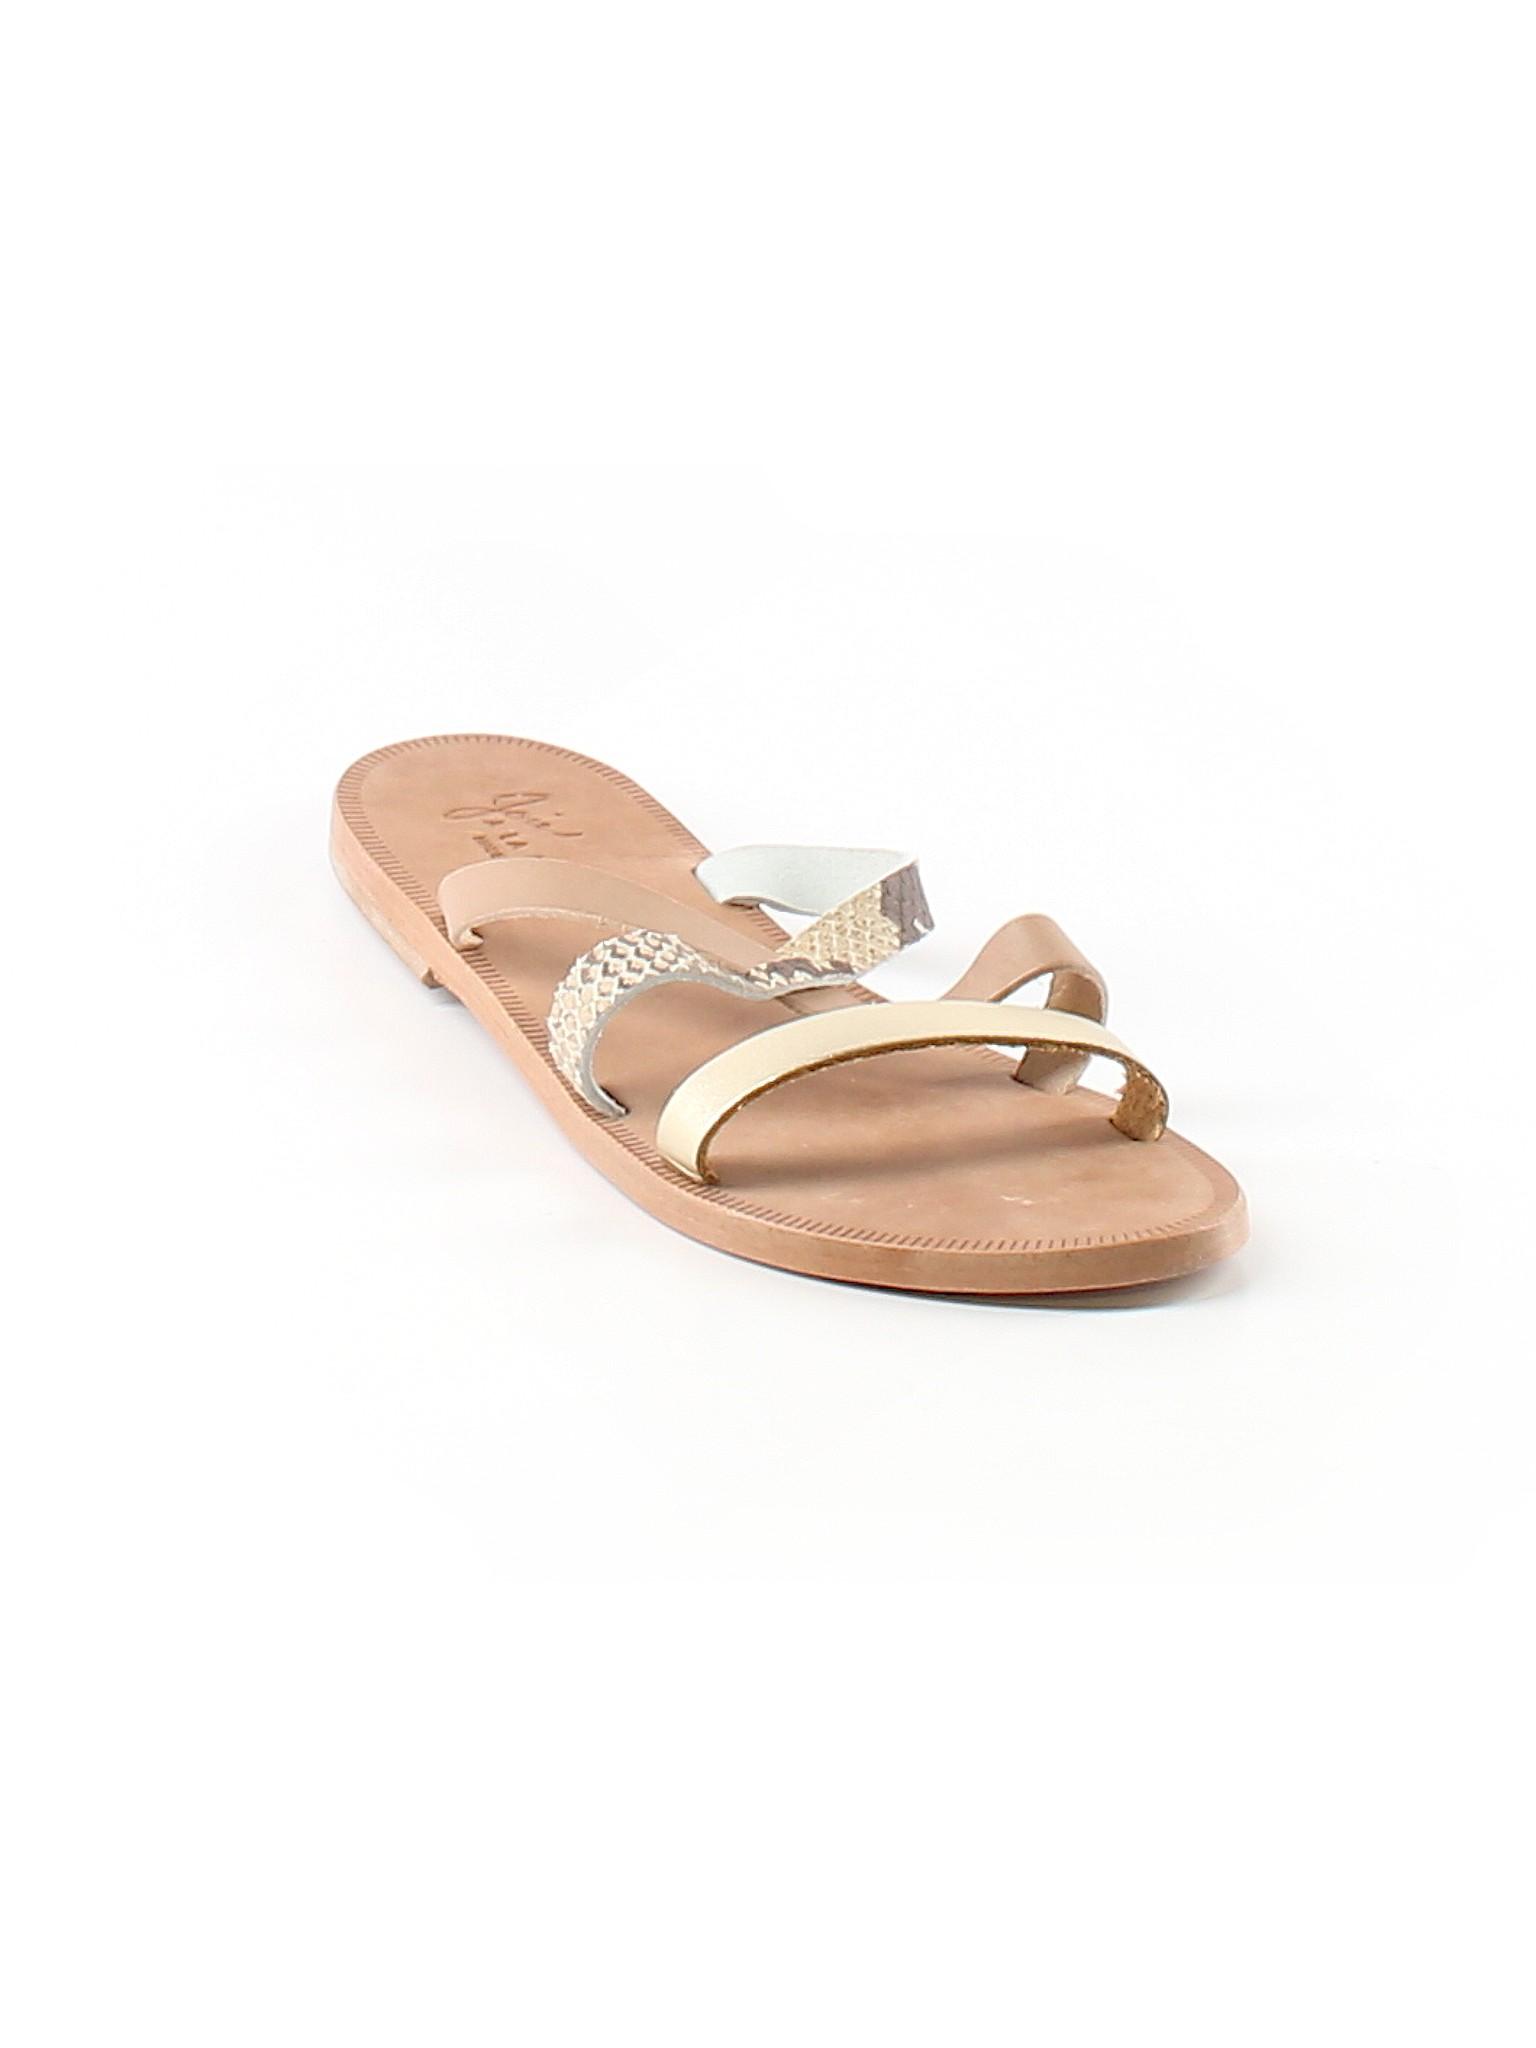 Sandals Boutique promotion Joie promotion Joie Boutique Boutique promotion Sandals Joie PAw5qnxSg